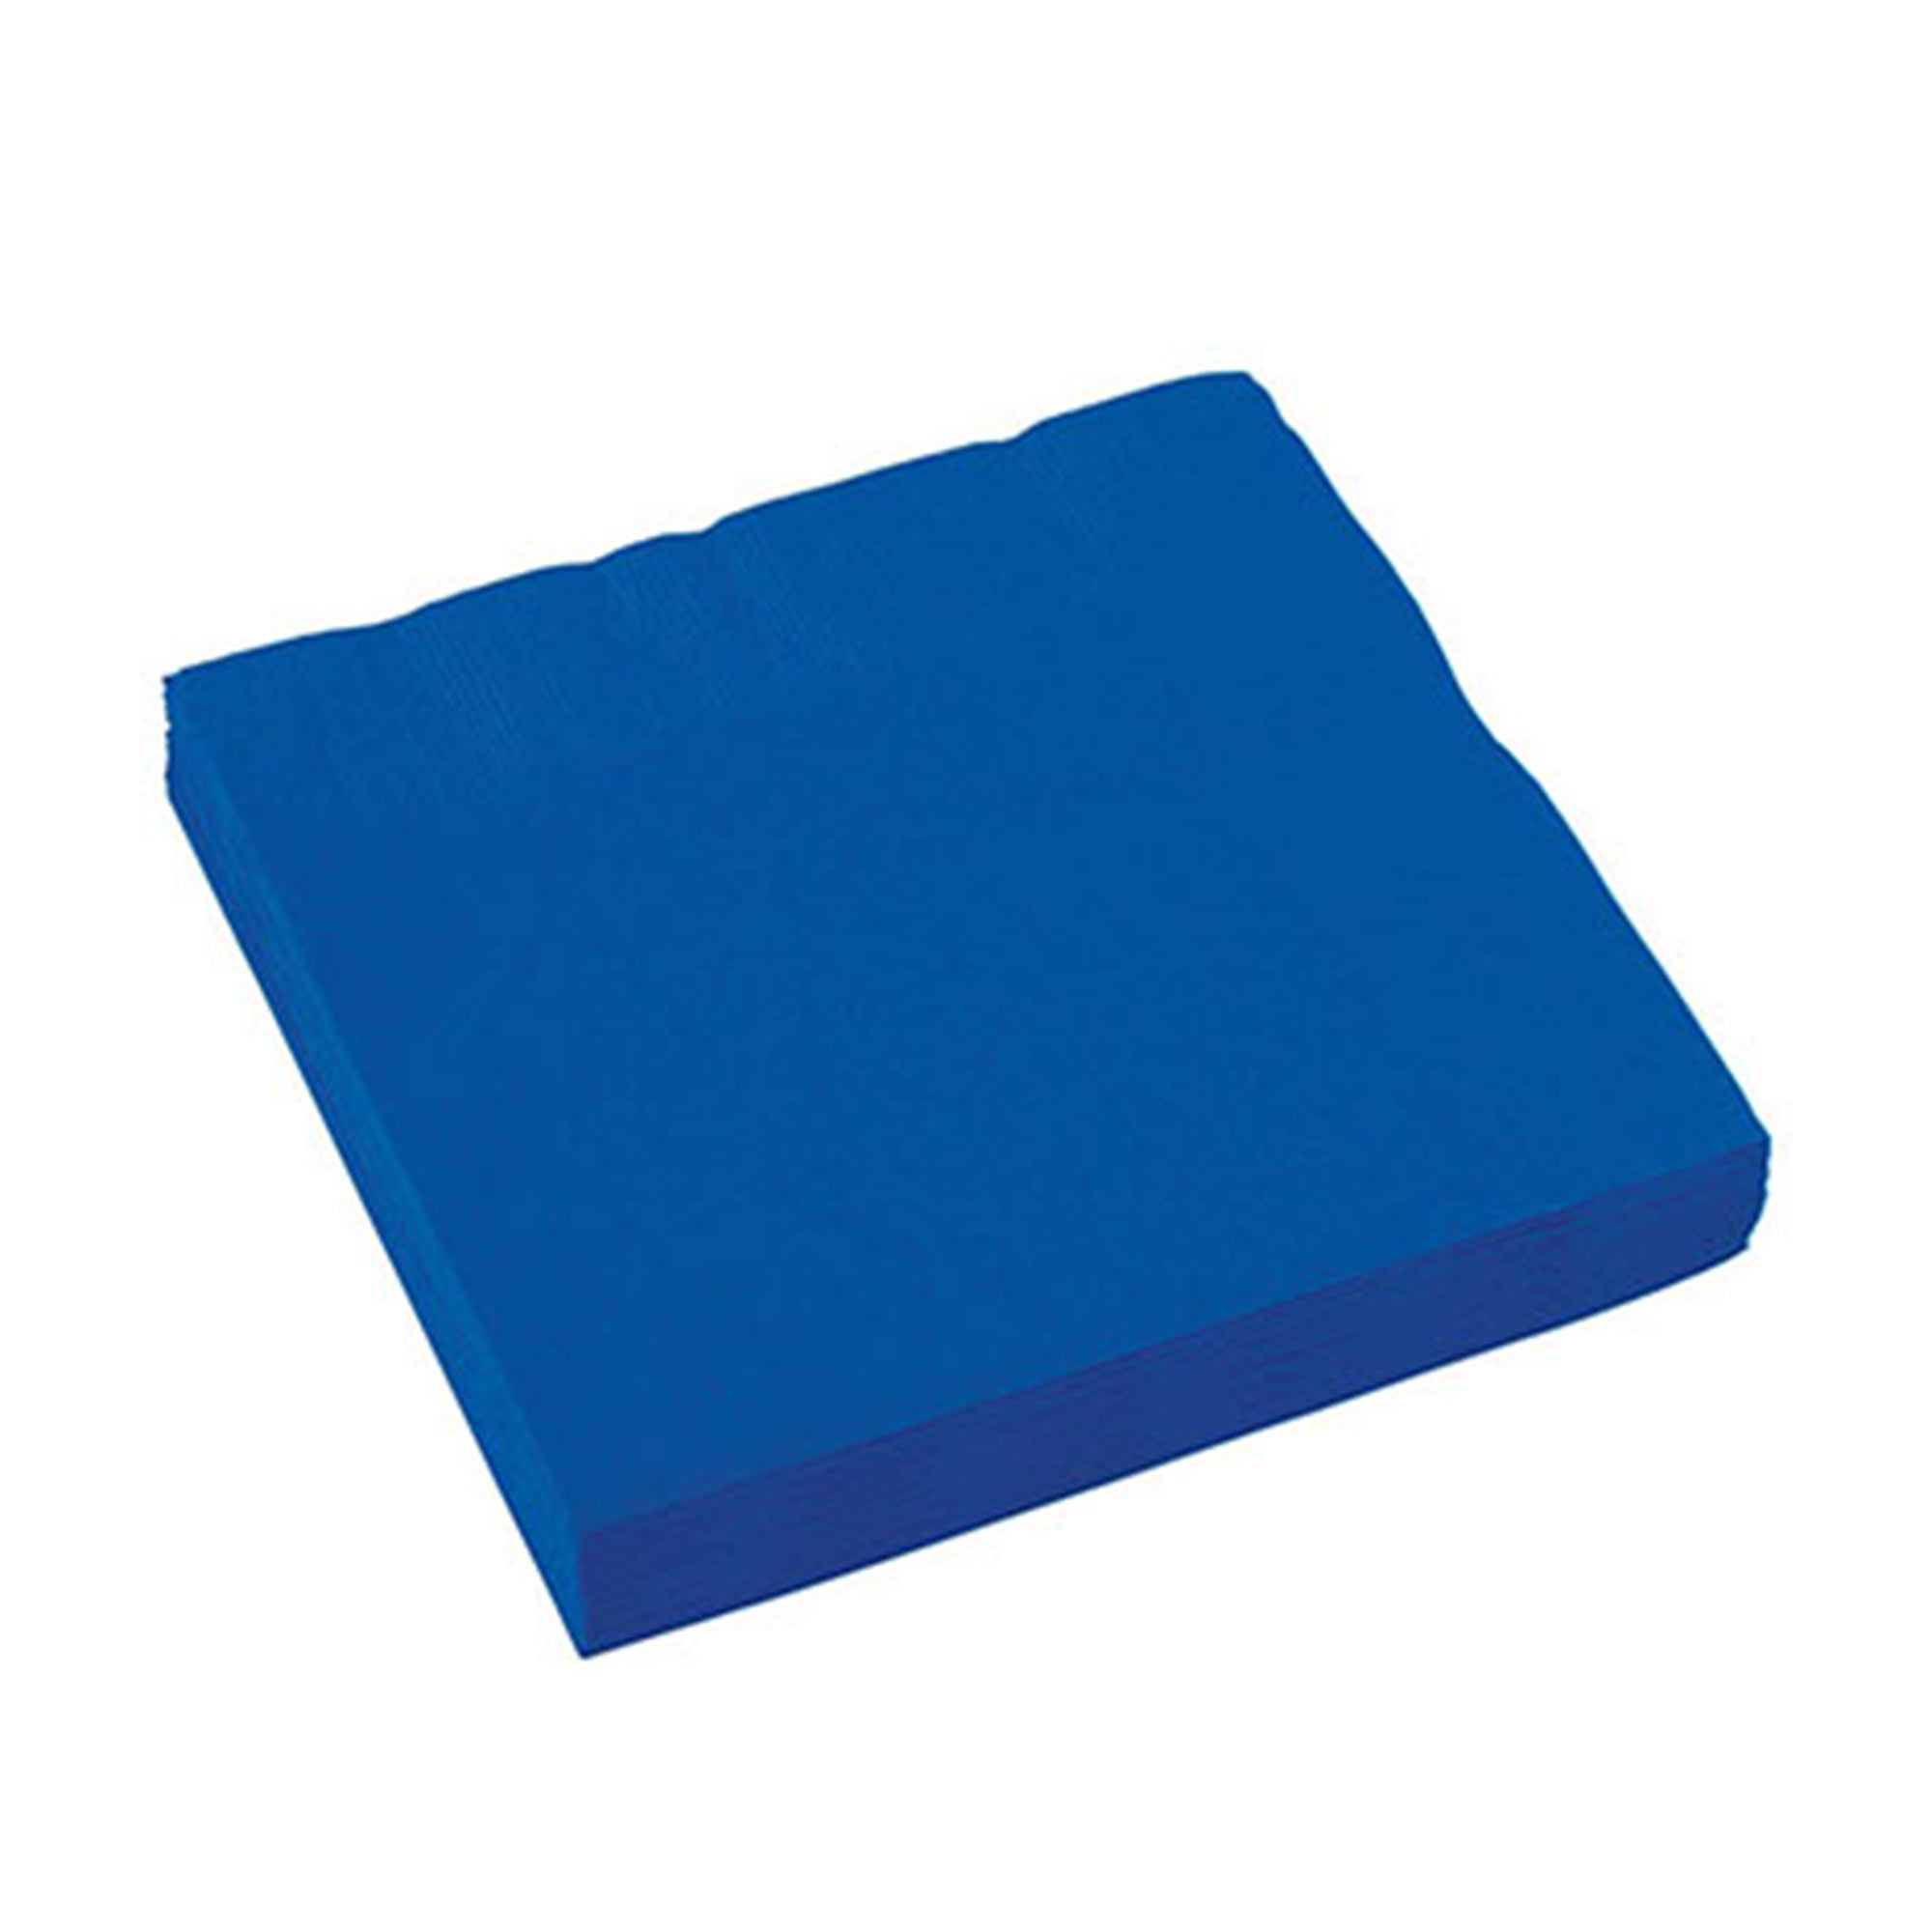 Салфетки Amscan Bright Royal Blue 33 см 16 шт набор стаканов amscan bright royal blue 266 мл 8 шт